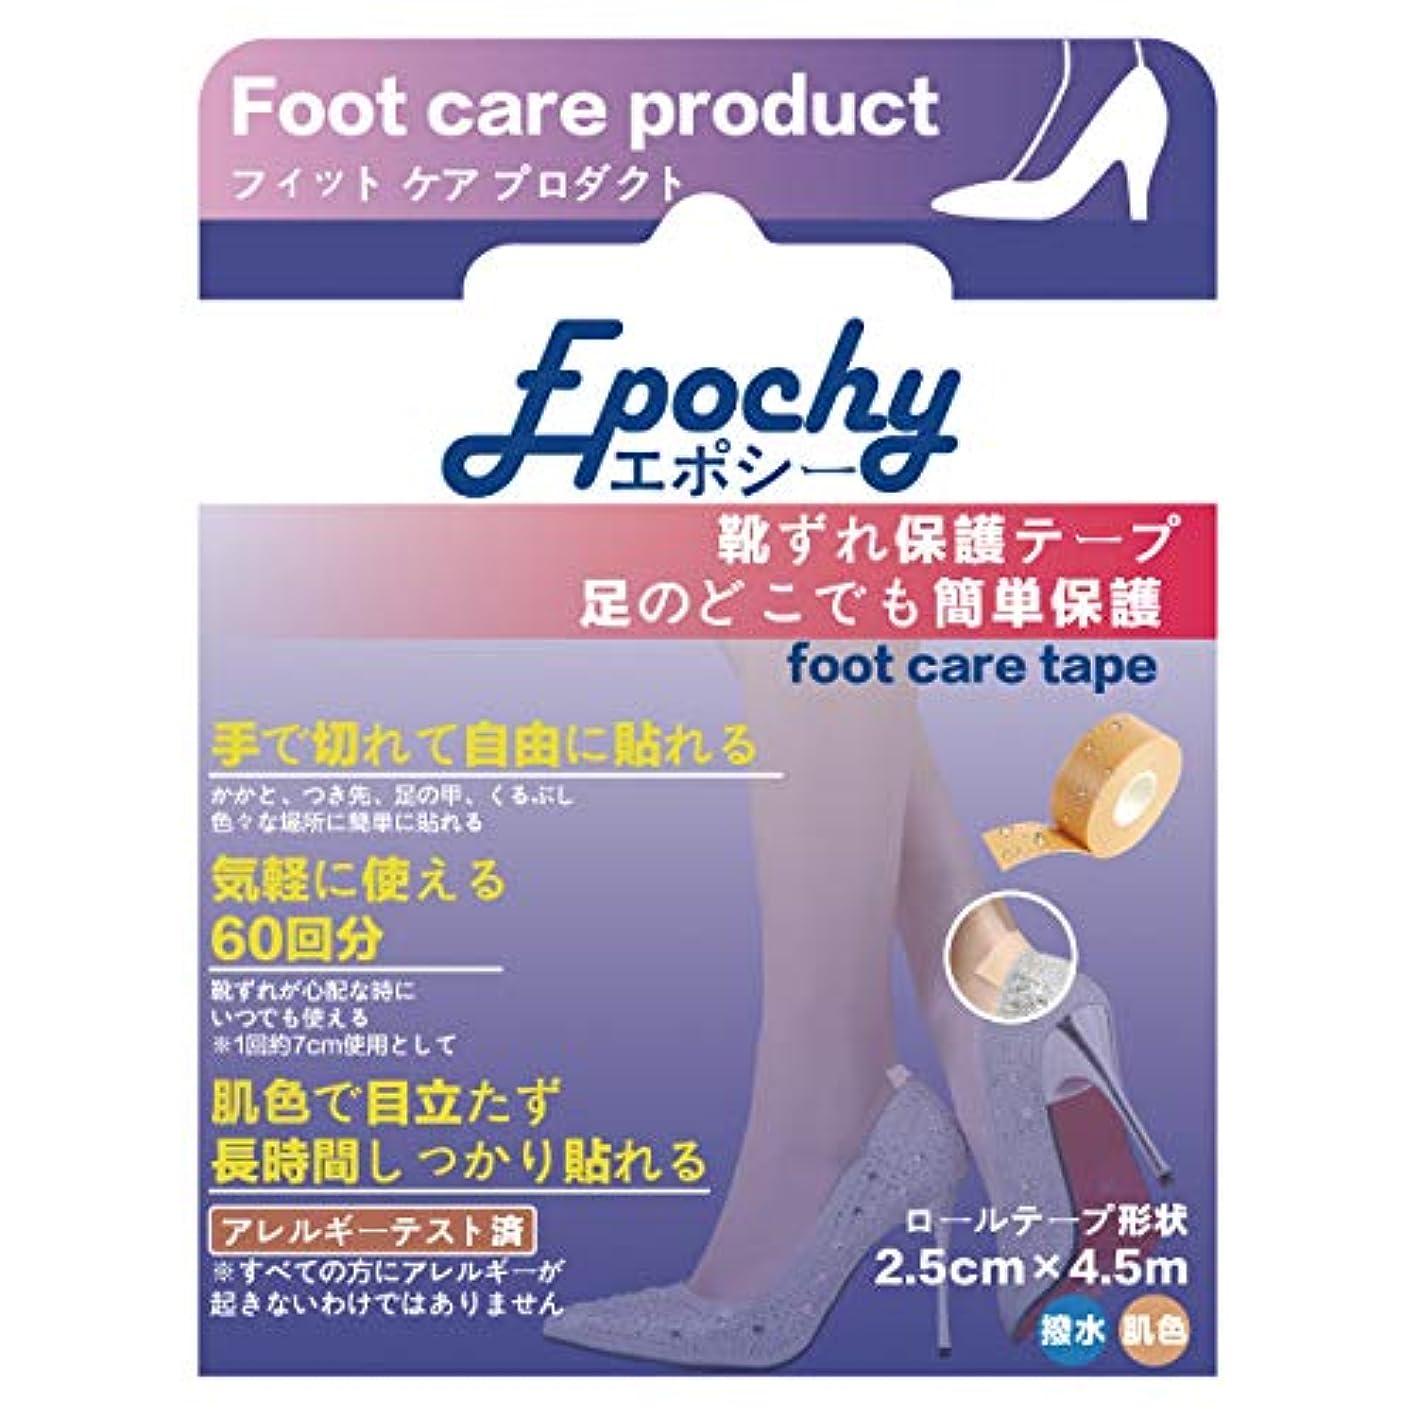 警官政令ナンセンスエポシー™ 靴ずれ保護テープ 4.5M ロールテープ形状 強力 透明 肌用 皮膚に優しい 汗や水にも強い